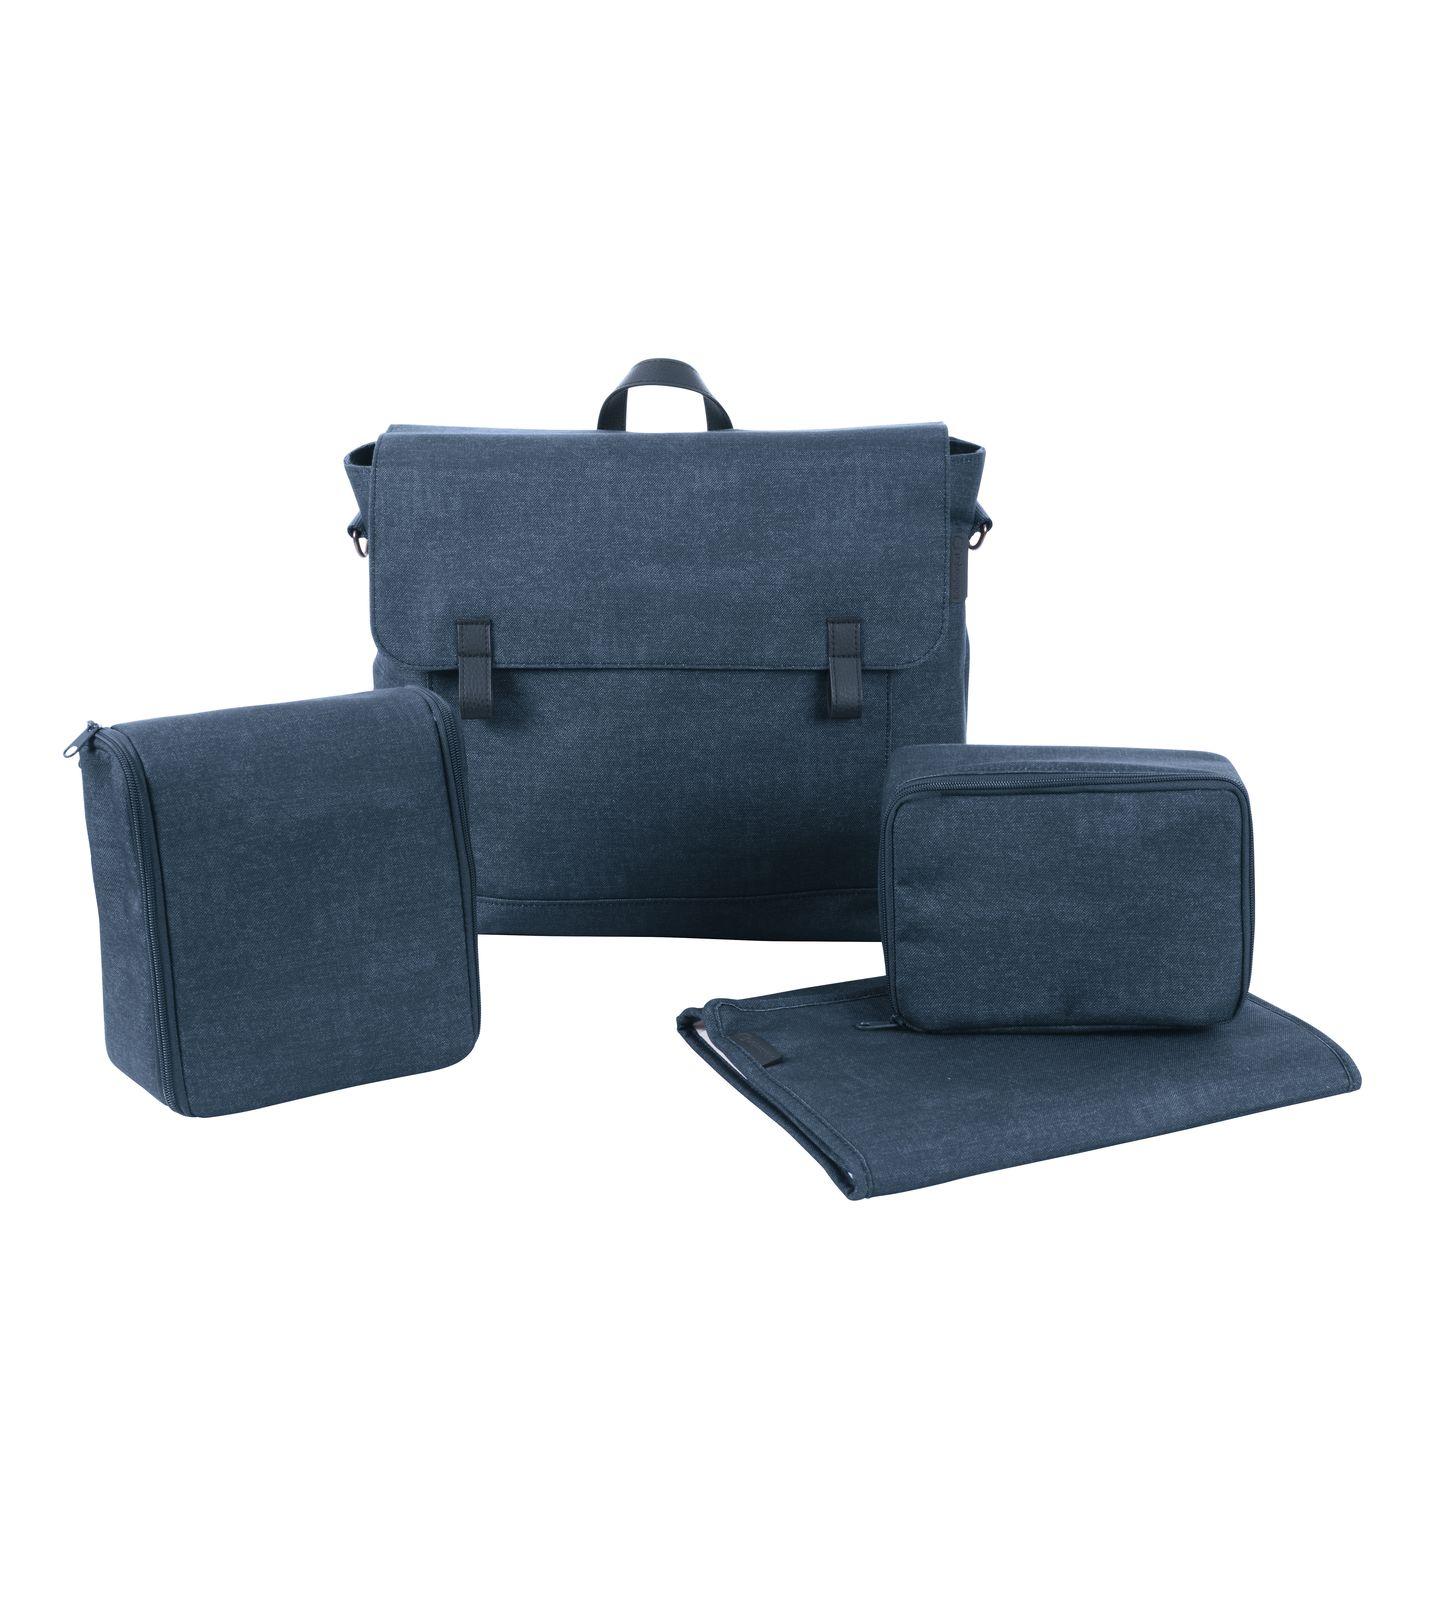 Фото - Аксессуар для колясок Bebe Confort MODERN BAG 1632243210 синий контейнер для детского питания bebe confort 90653 салатовый